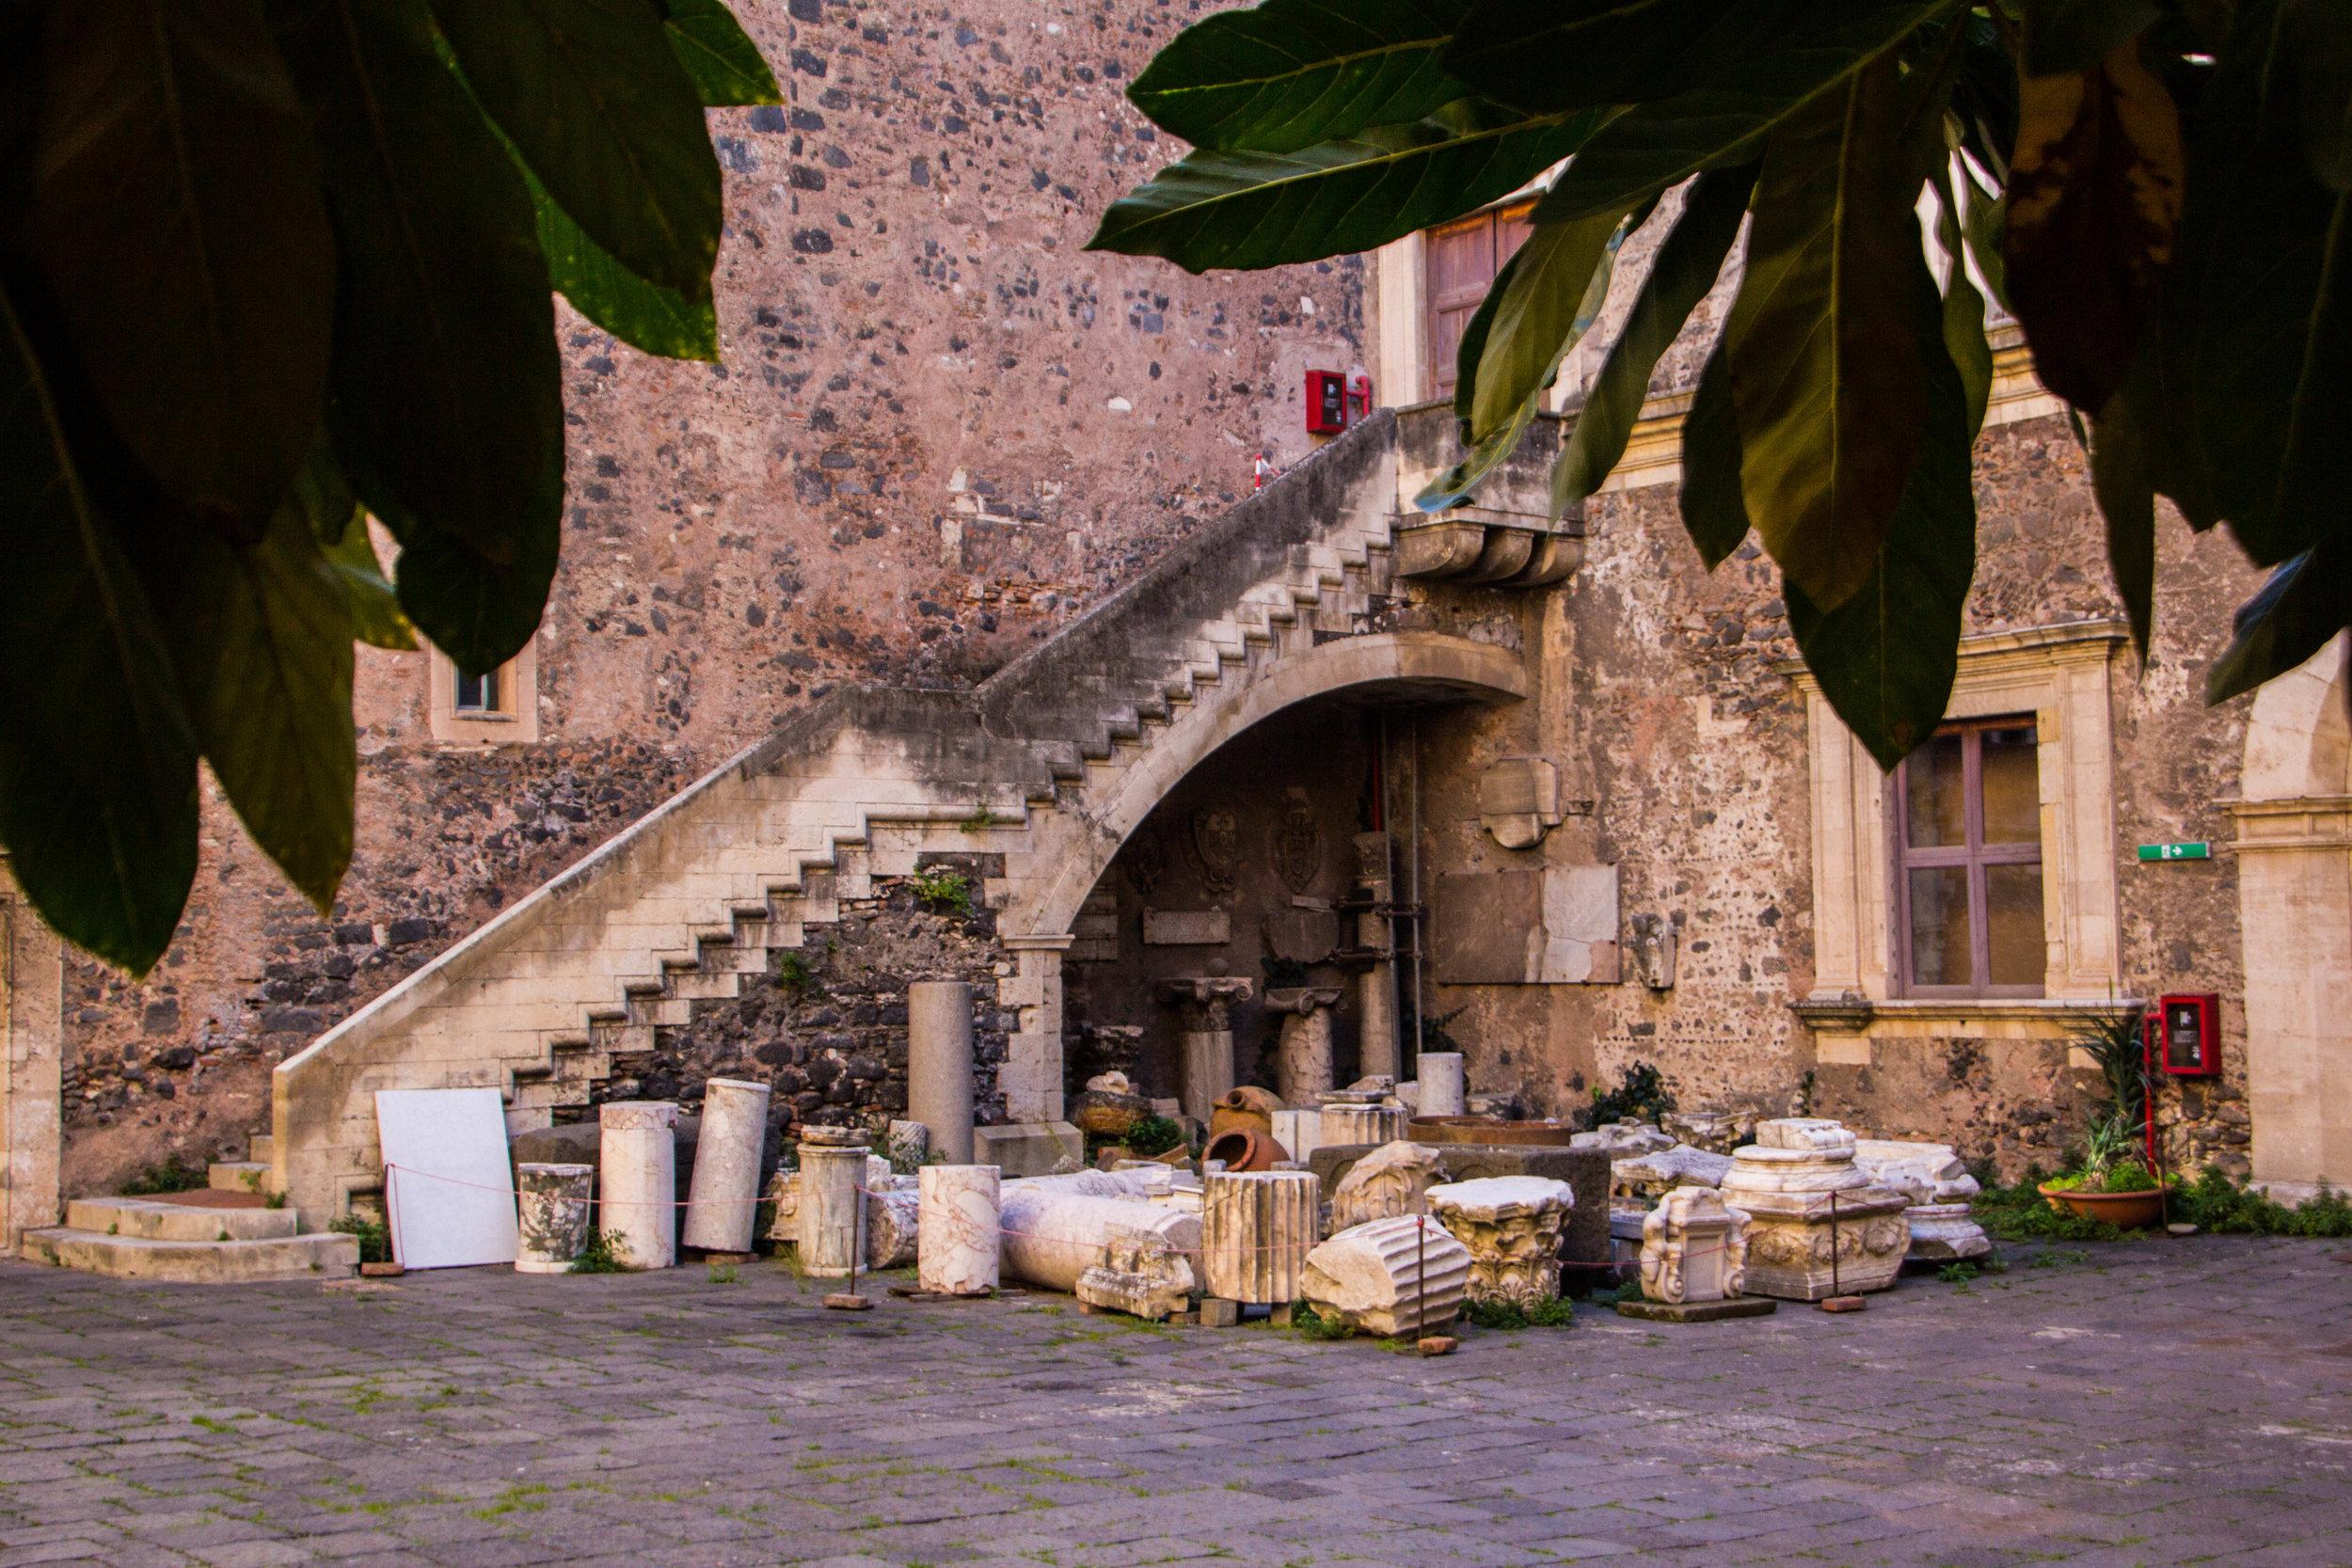 museo-civico-castello-ursino-catania-sicily-13.jpg